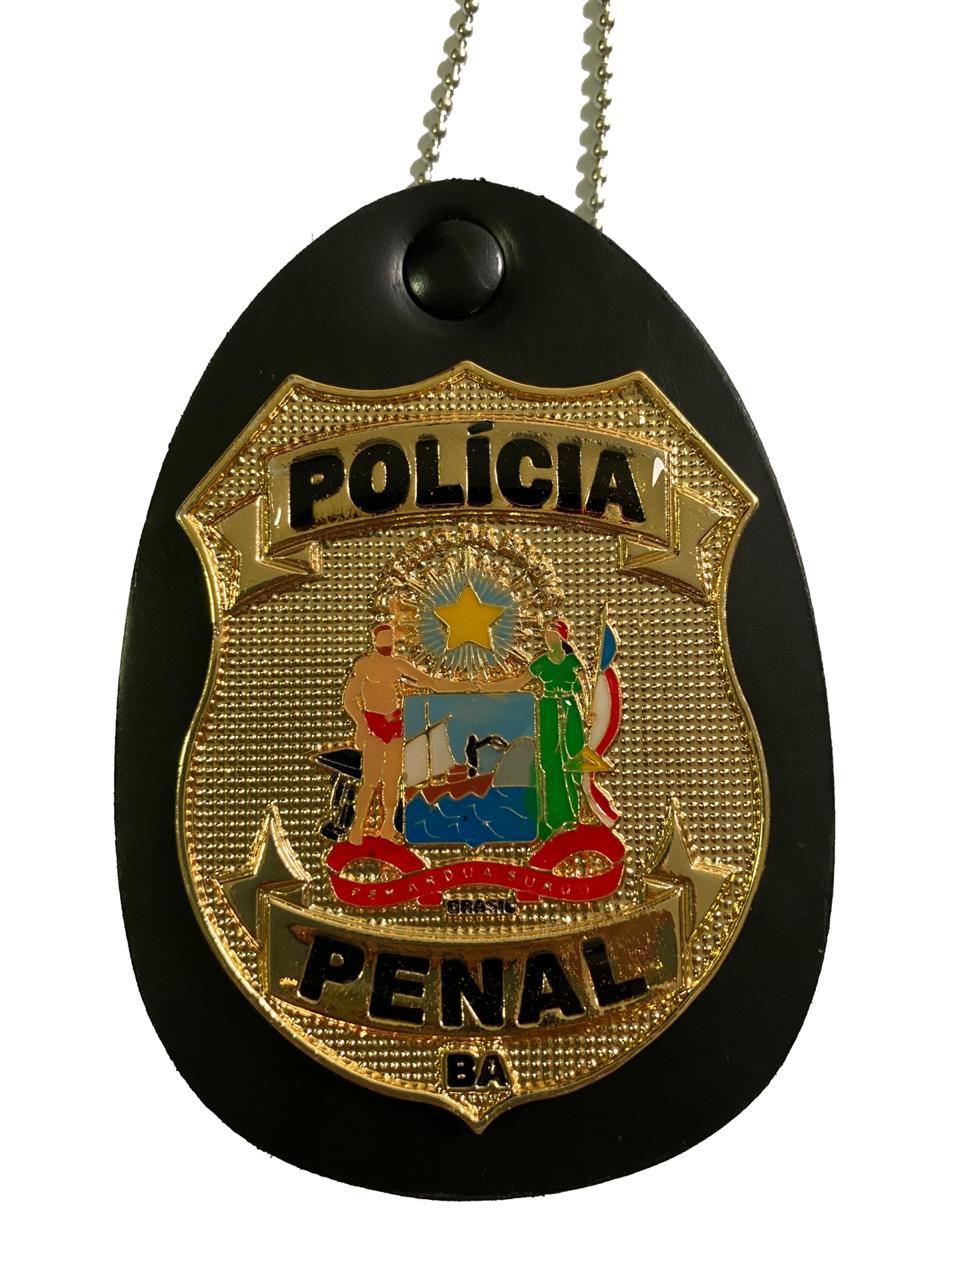 Policia Penal Distintivo dos Estados: BA / CE / DF / ES / FEDERAL / GO/ MA / MG / MT / NACIONAL / PA / PI / RO / RR / TO